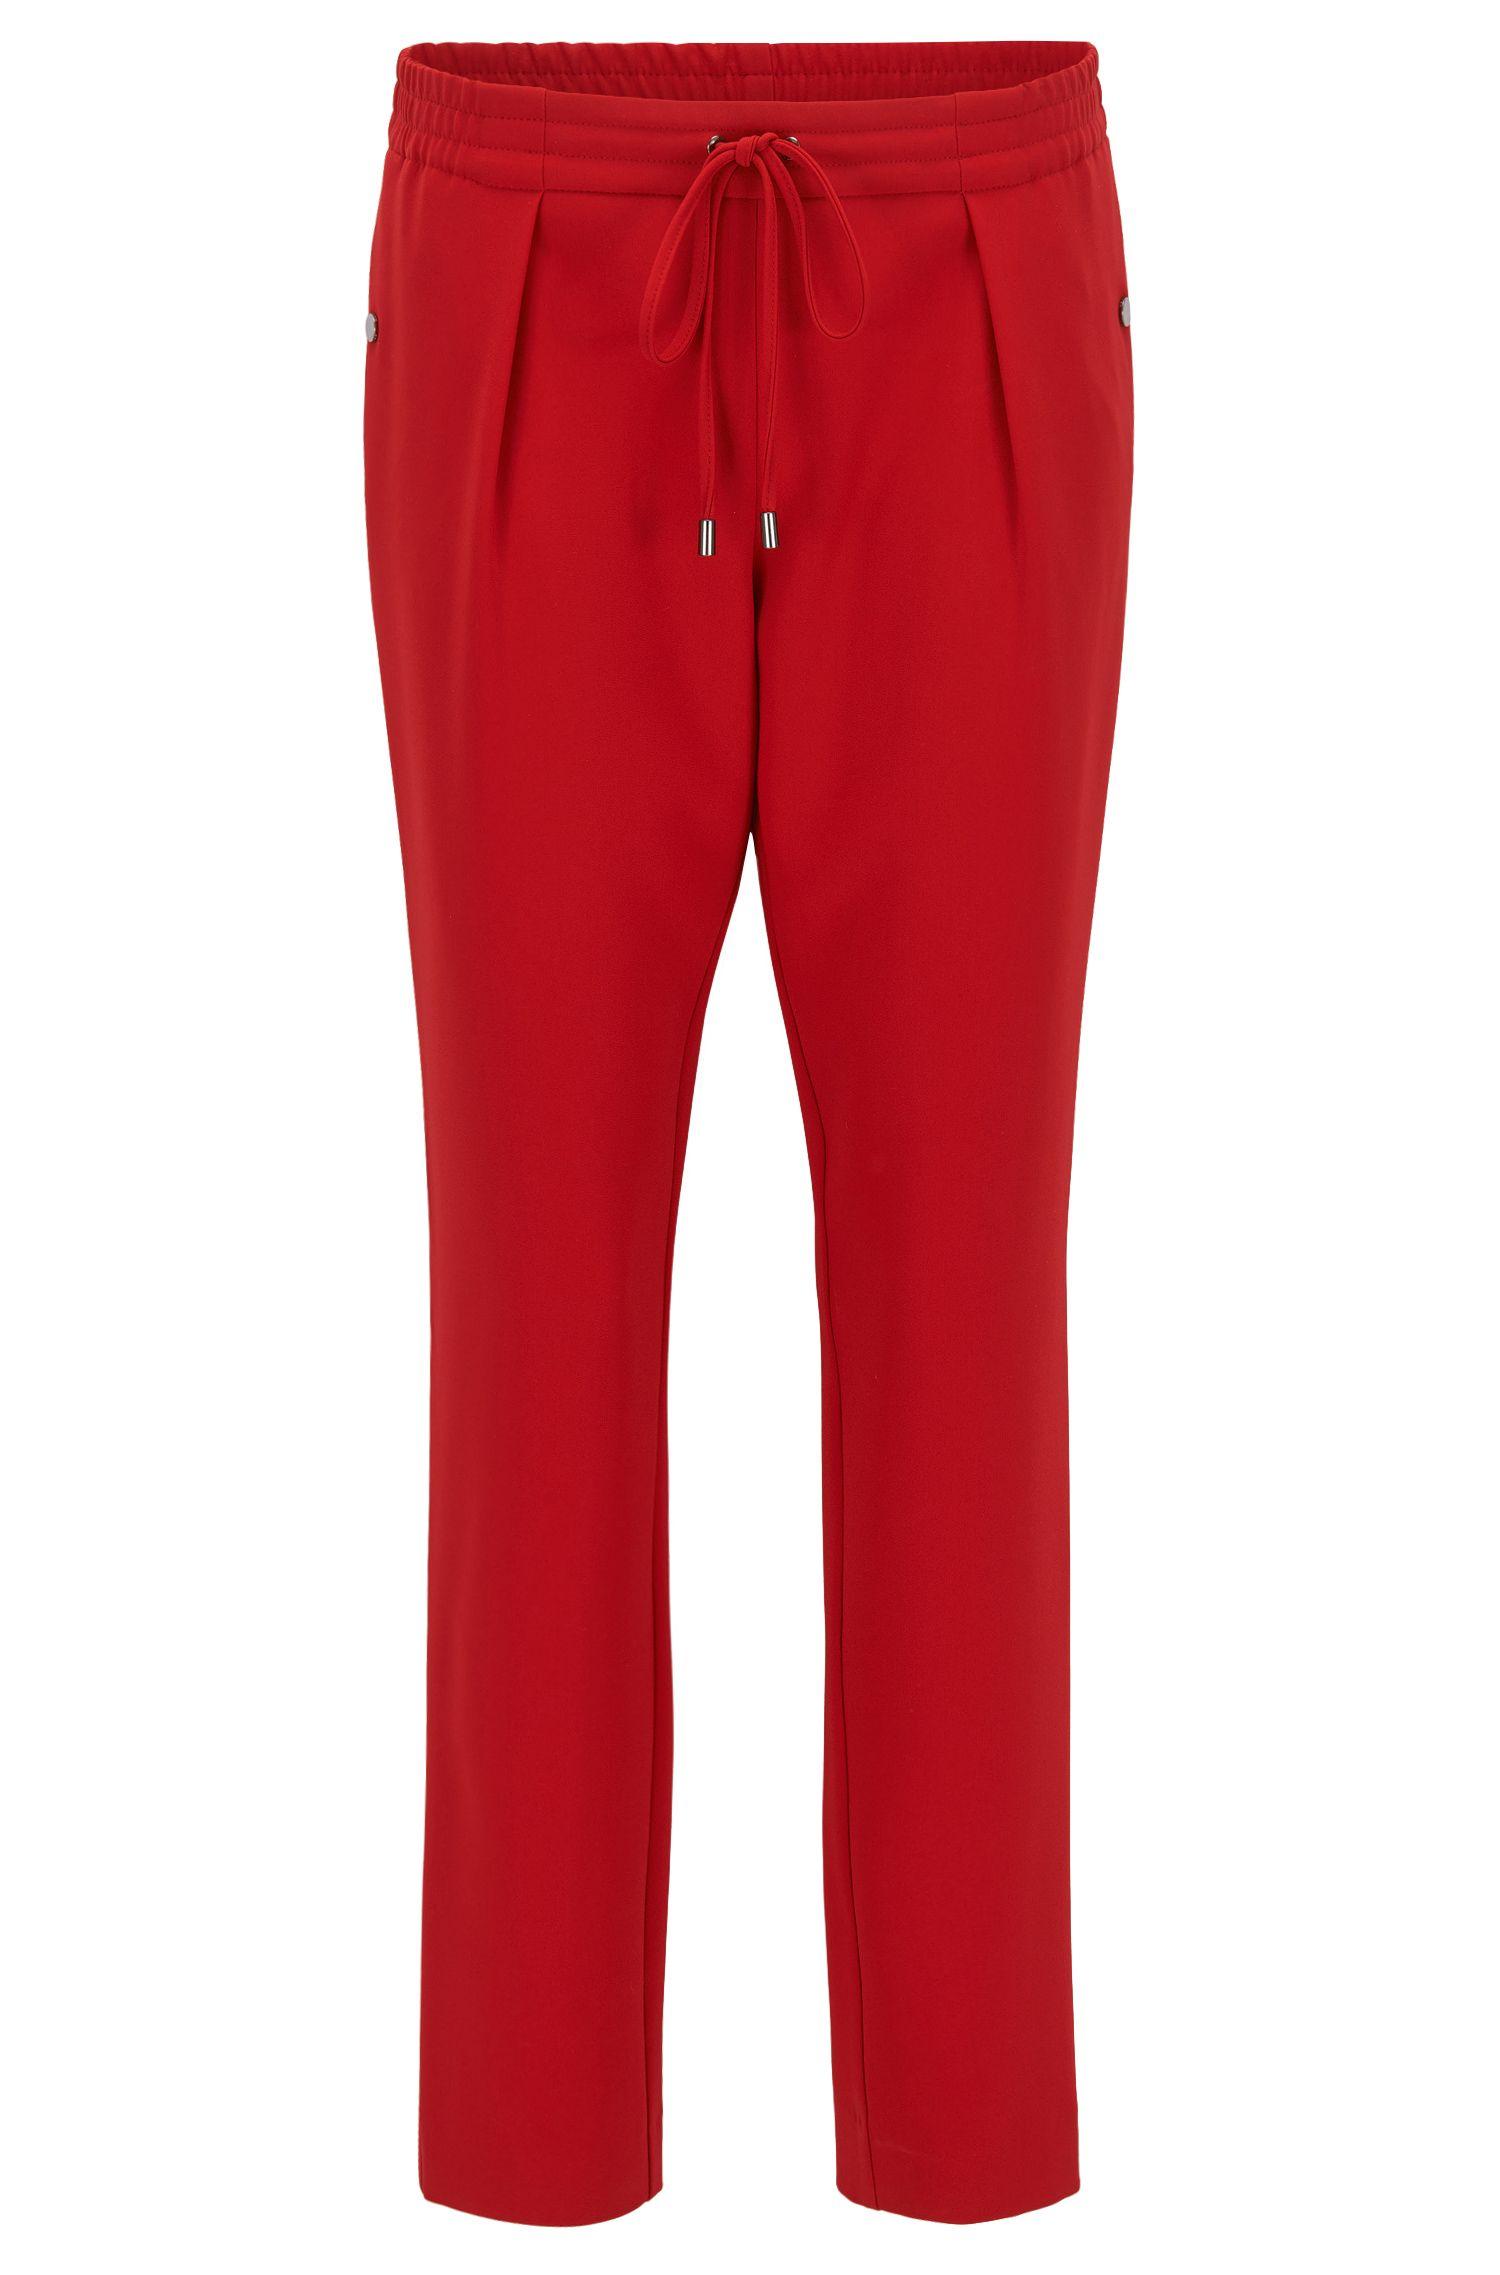 Pantaloni con cordoncino relaxed fit con taglio a cono